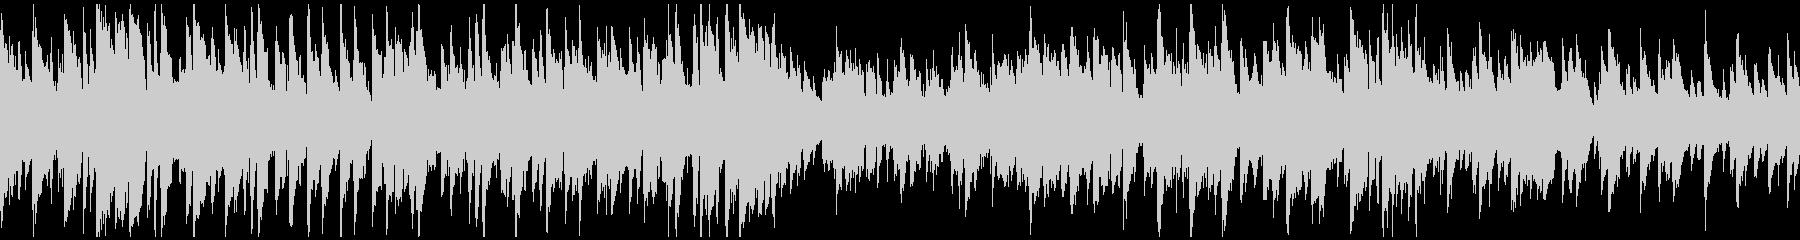 知的でスタイリッシュなジャズ ※ループ版の未再生の波形